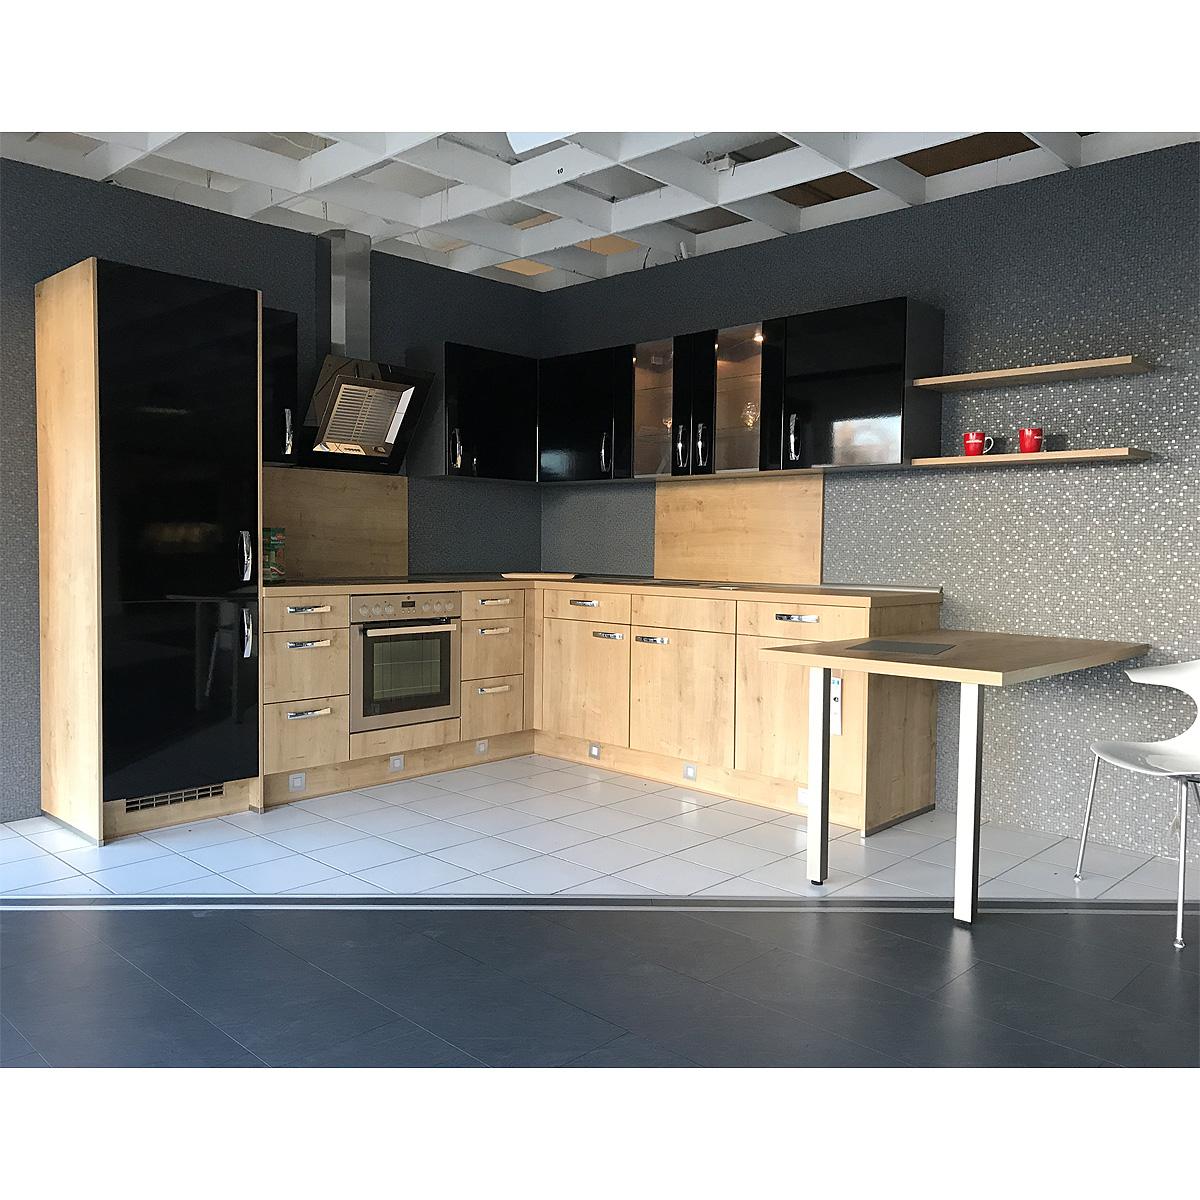 einbauk che nobilia ausstellungsk che k che in schwarz. Black Bedroom Furniture Sets. Home Design Ideas